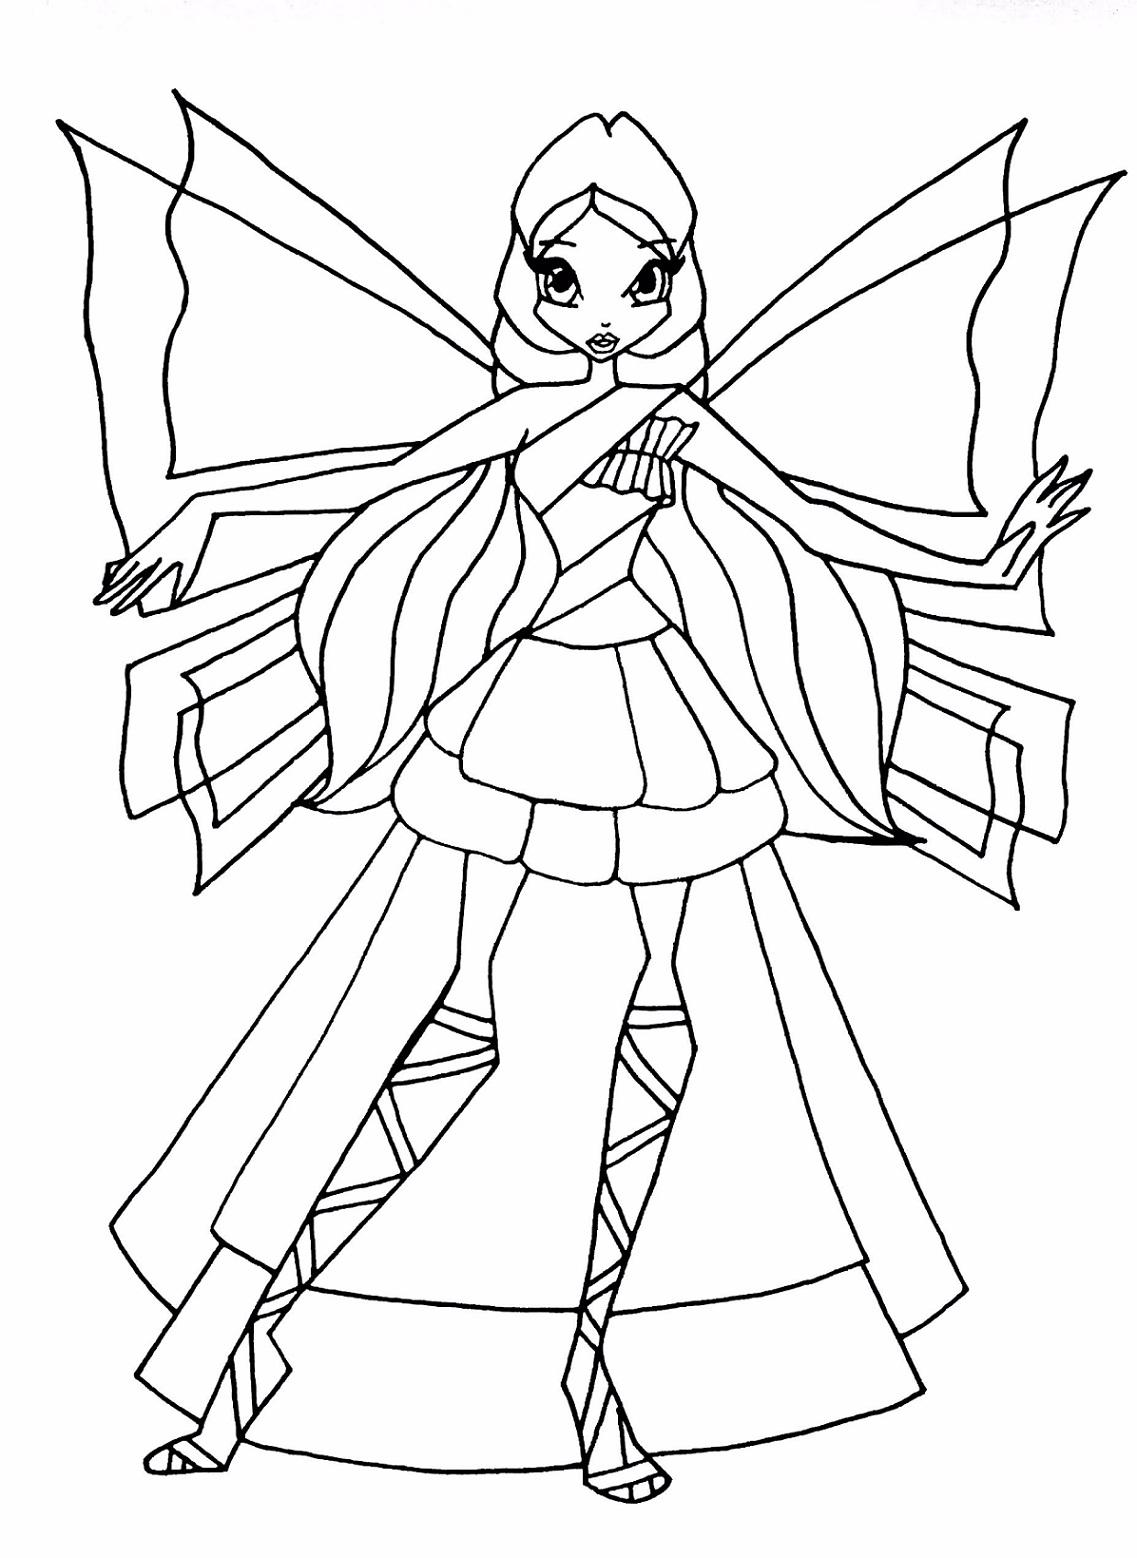 Раскраска для девочек винкс сиреникс - 6